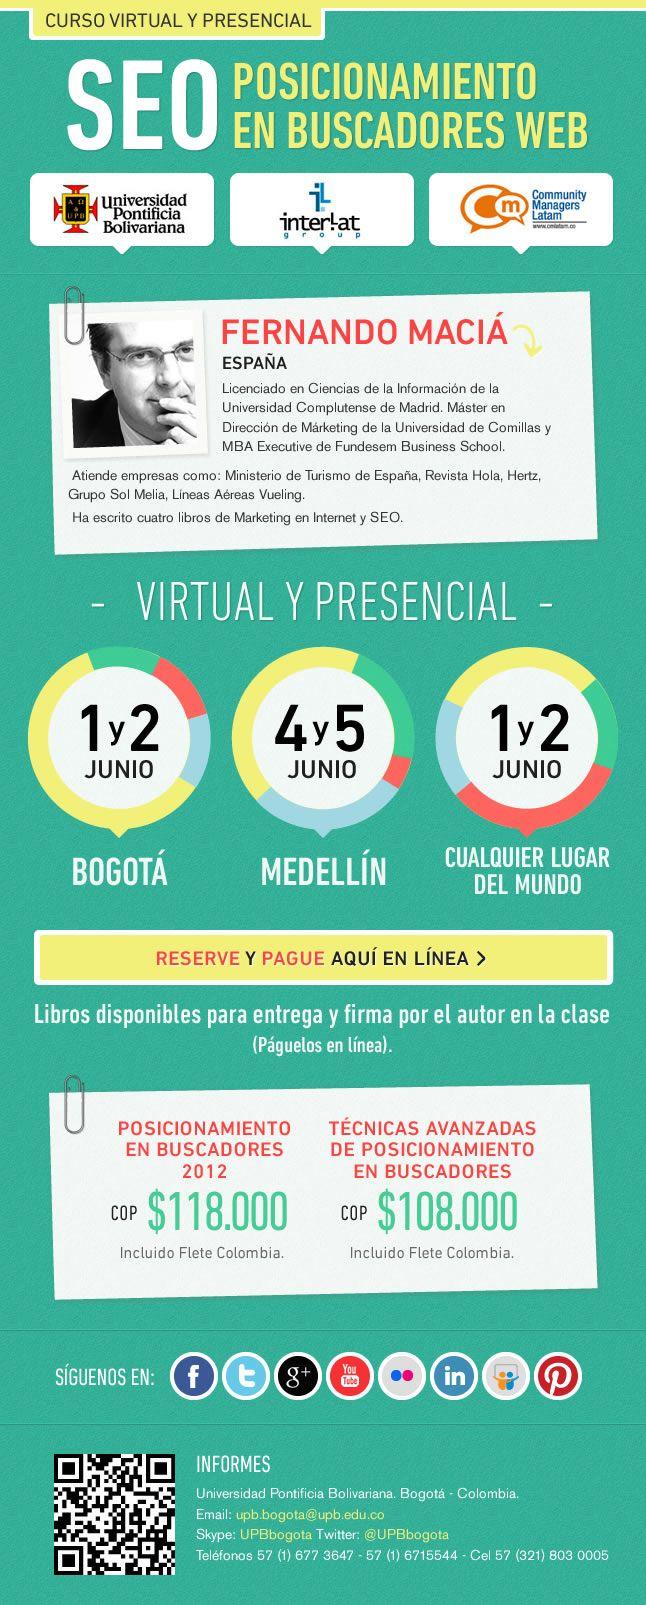 http://communitymanagerslatam.com/page/cursoseo  SEO Posicionamiento en buscadores web 2012 Presencial : Bogota Junio 1 y 2 , Medellin 4y 5 , Virtual cualquier Lugar del Mundo Junio 1 y 2 . Organiza Interlat , Universidad Pontificia Bolivariana y CMLatam.co